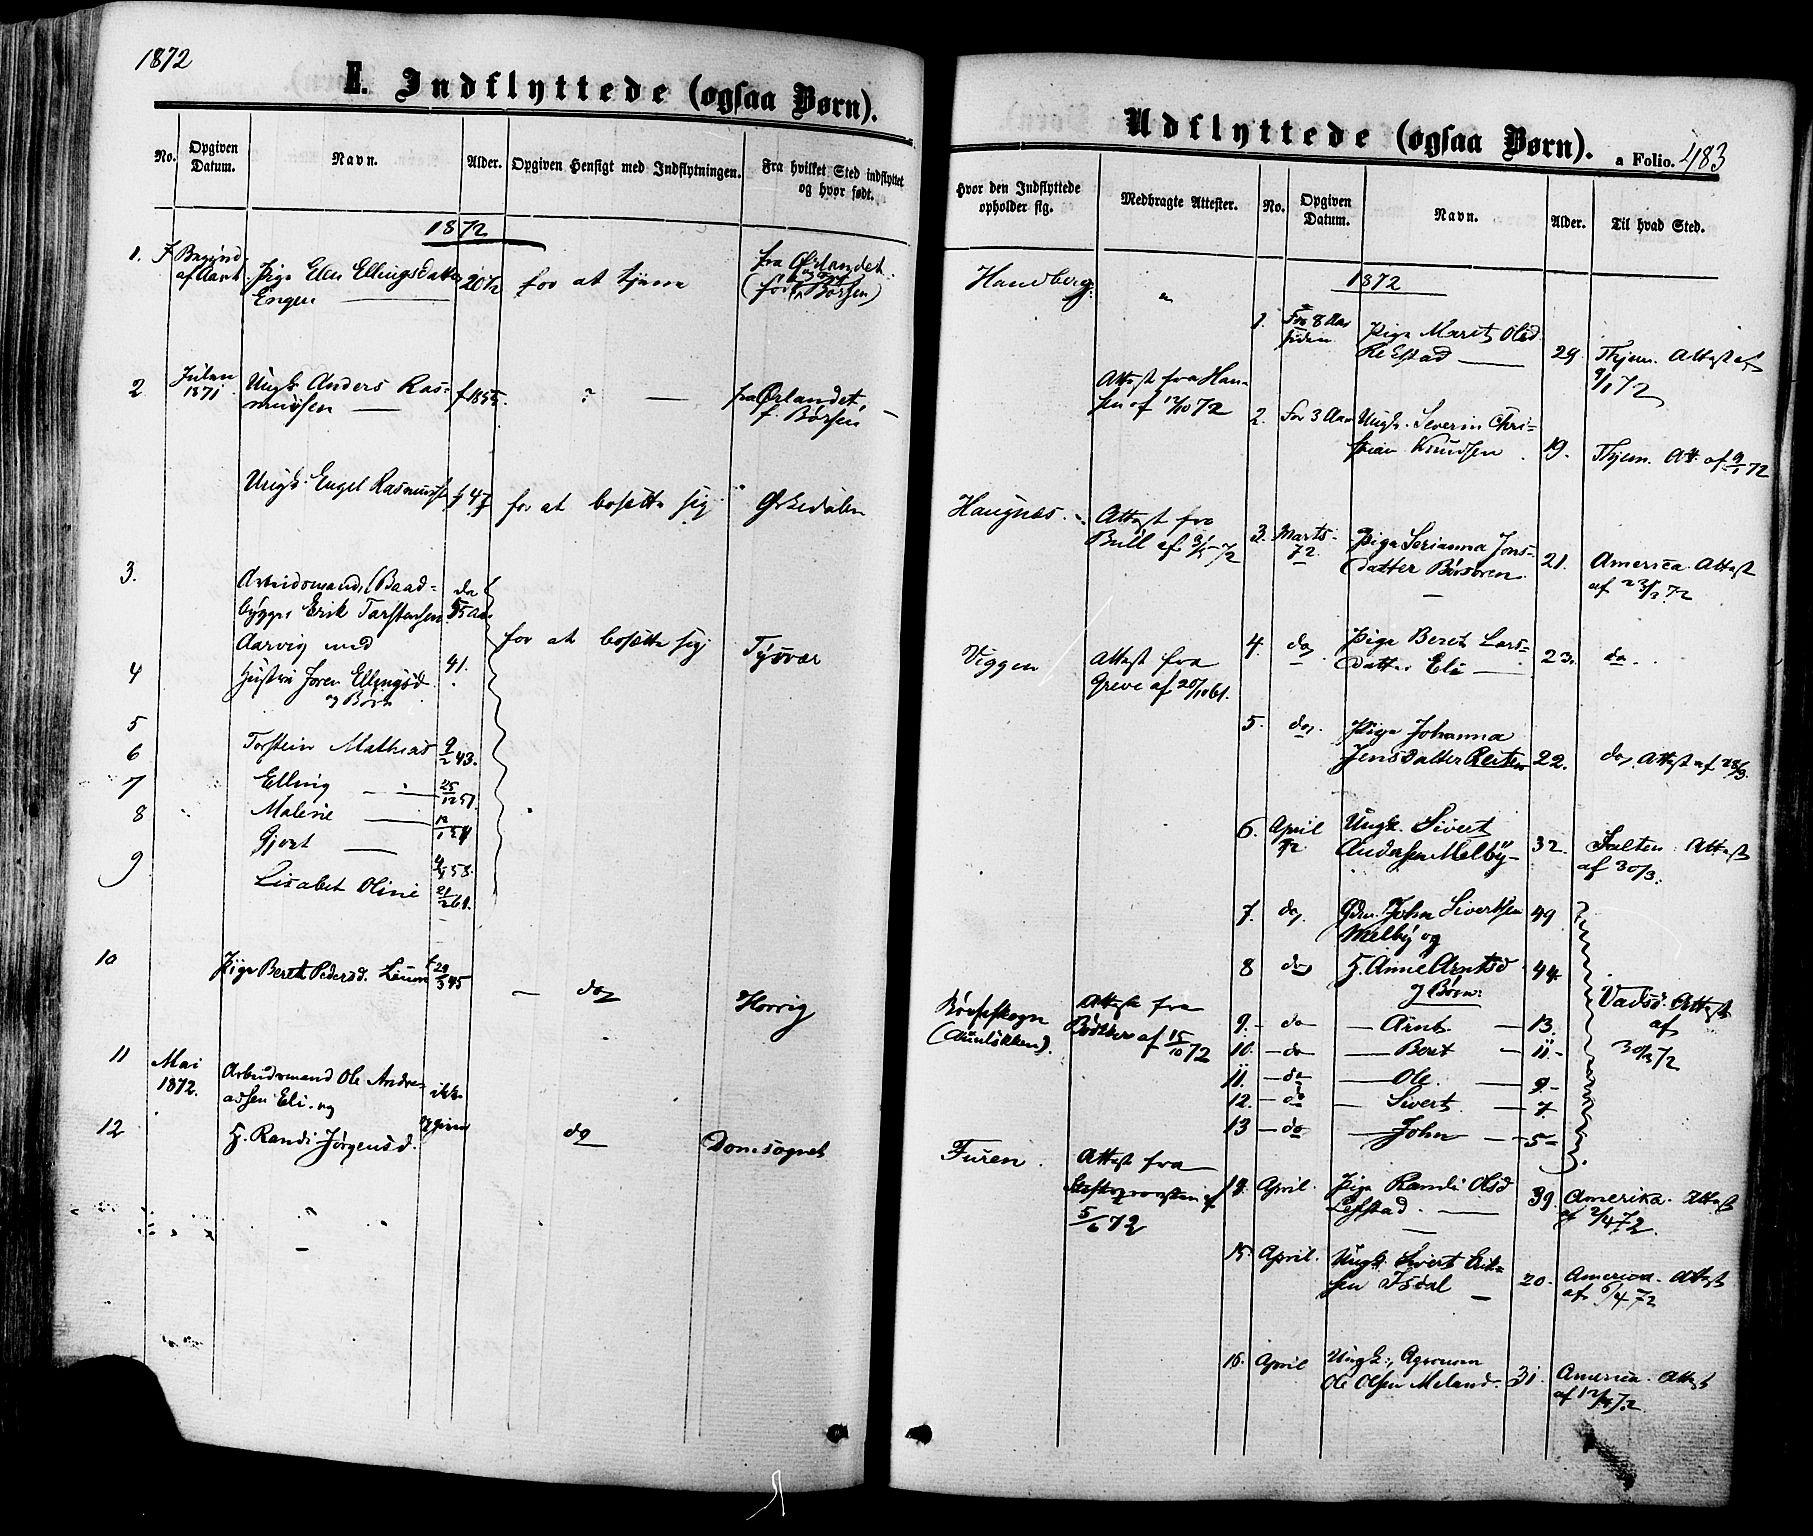 SAT, Ministerialprotokoller, klokkerbøker og fødselsregistre - Sør-Trøndelag, 665/L0772: Ministerialbok nr. 665A07, 1856-1878, s. 483